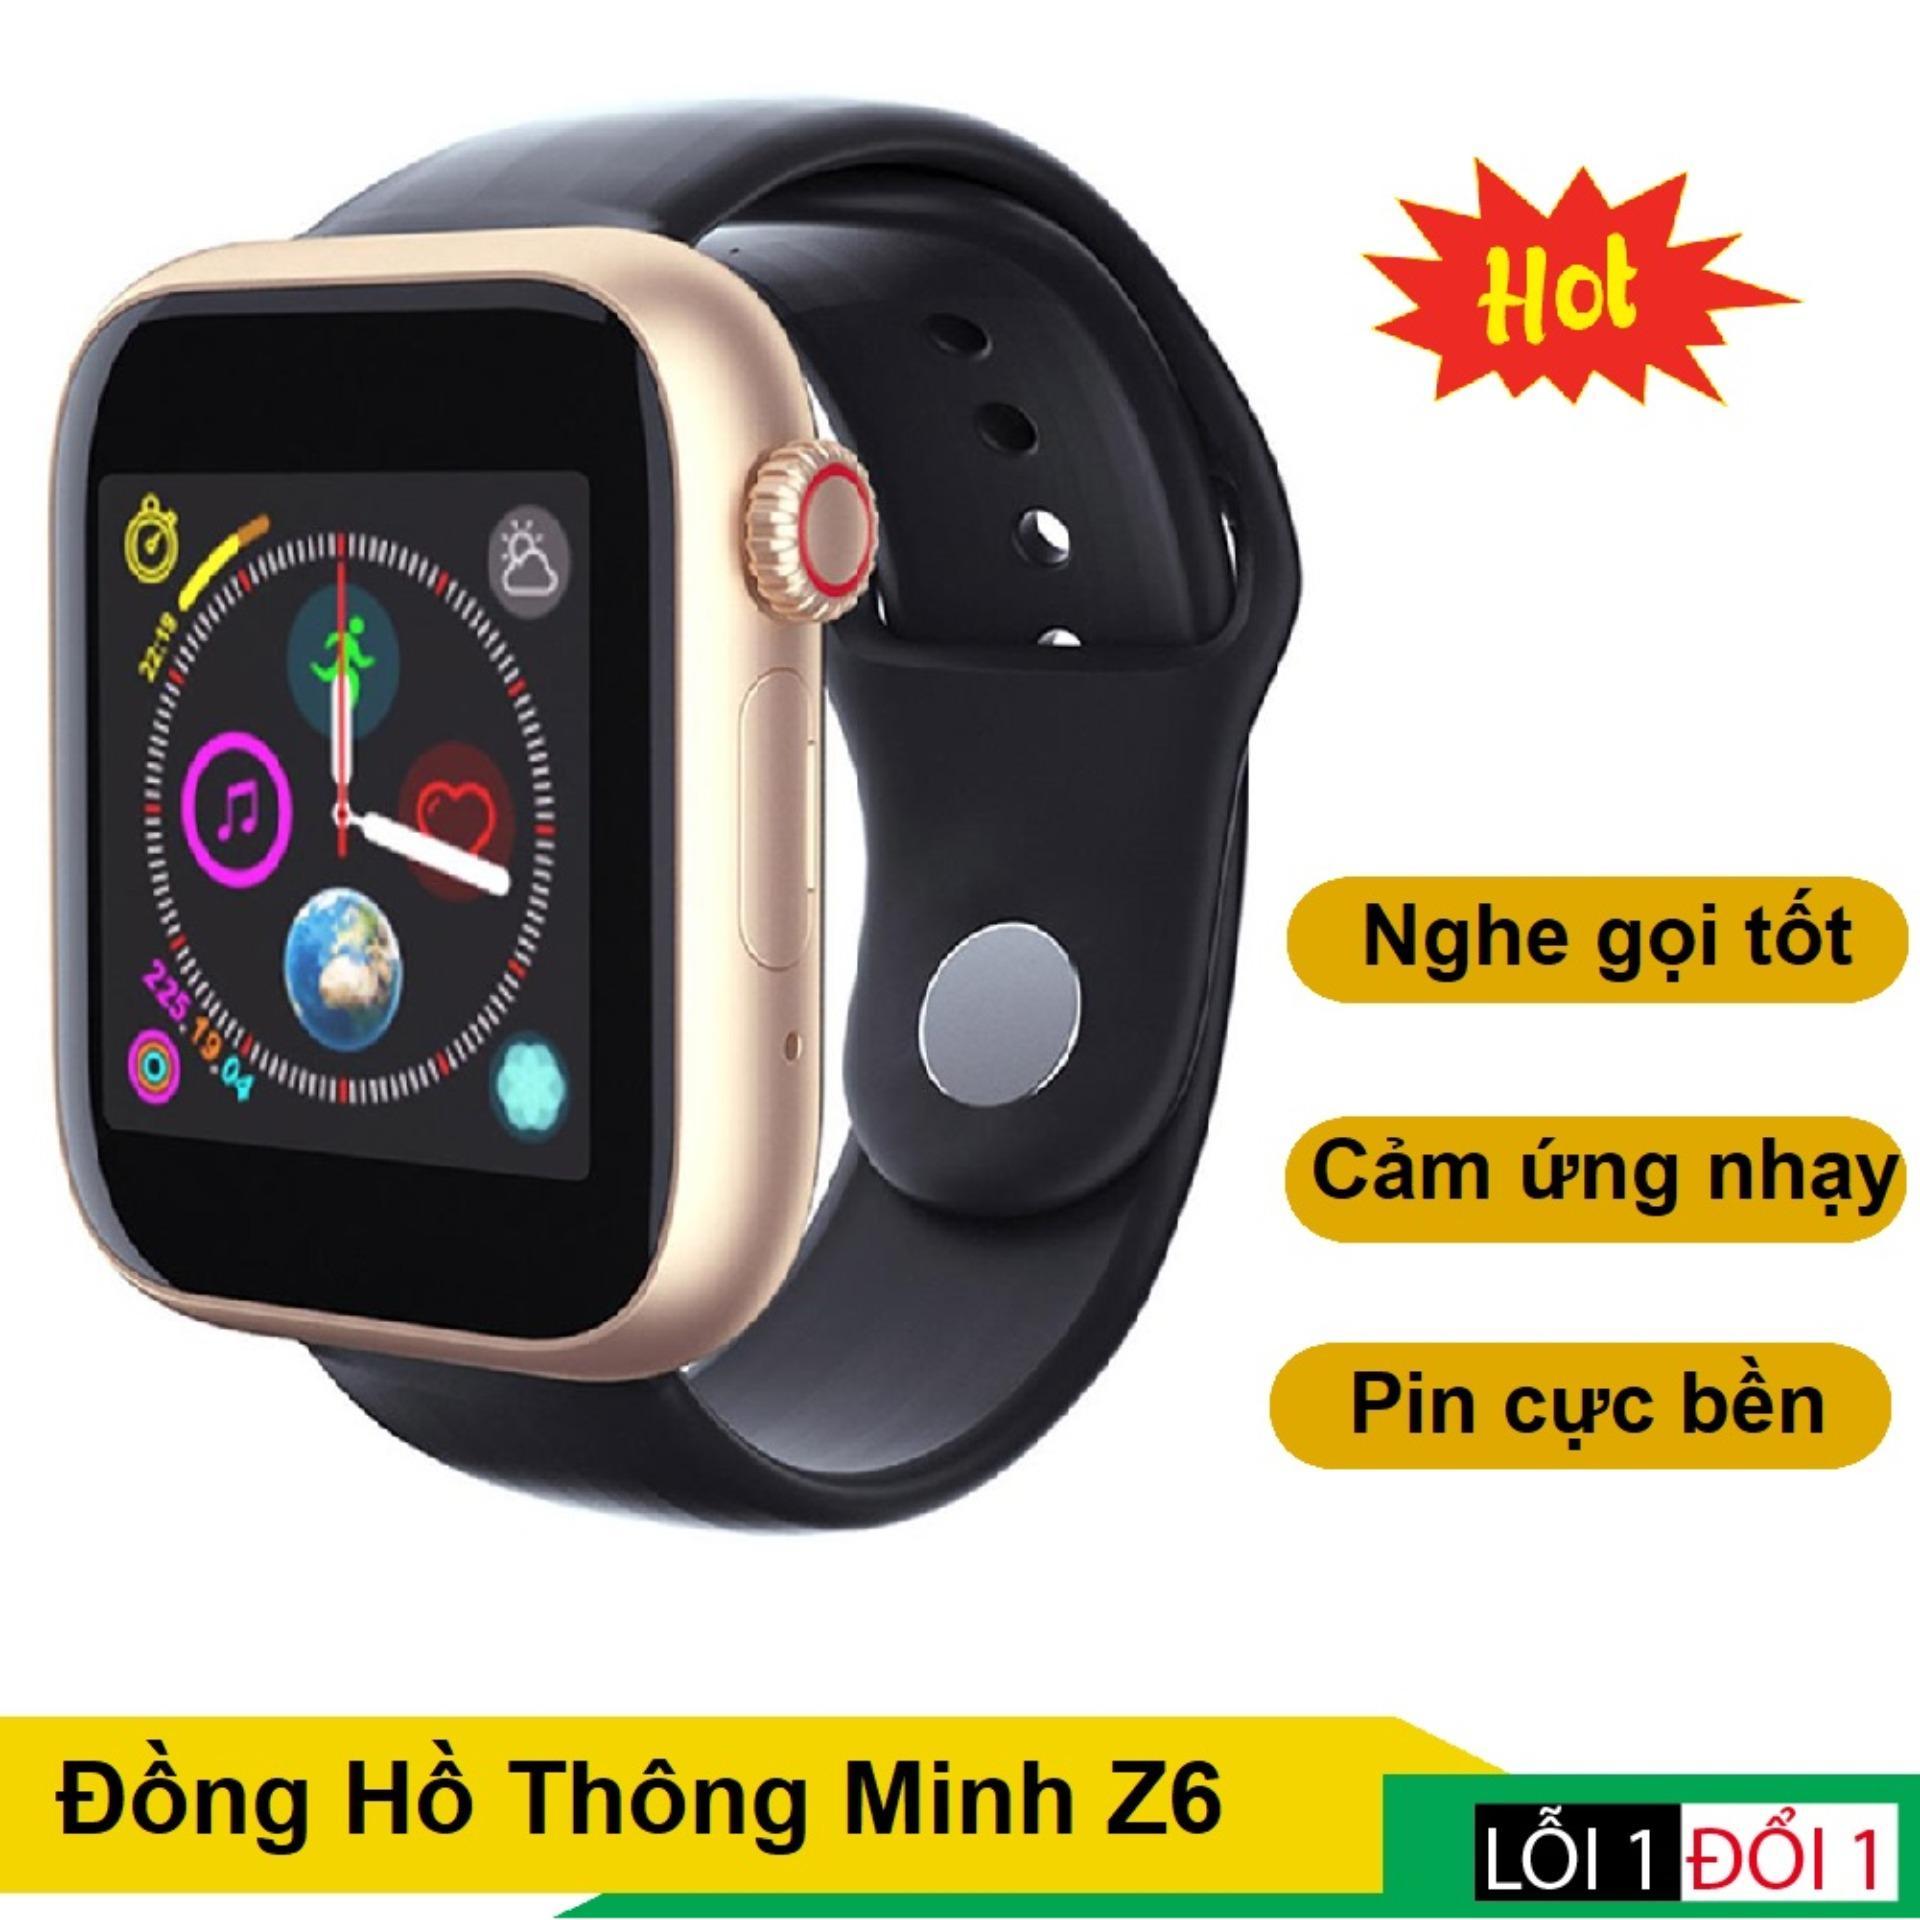 Đồng hồ thông minh trẻ em, Đồng hồ theo dõi sức khỏe, Đồng Hồ Thông Minh Smartwatch Z6 Kiểu Dáng Đẹp, Hỗ Trợ Sim Và Thẻ Nhớ, Nghe Gọi, Vào Mạng, Kết Nối Bluetooth 3.0 Với Smartphone, Pin Bền Sử Dụng Lâu.